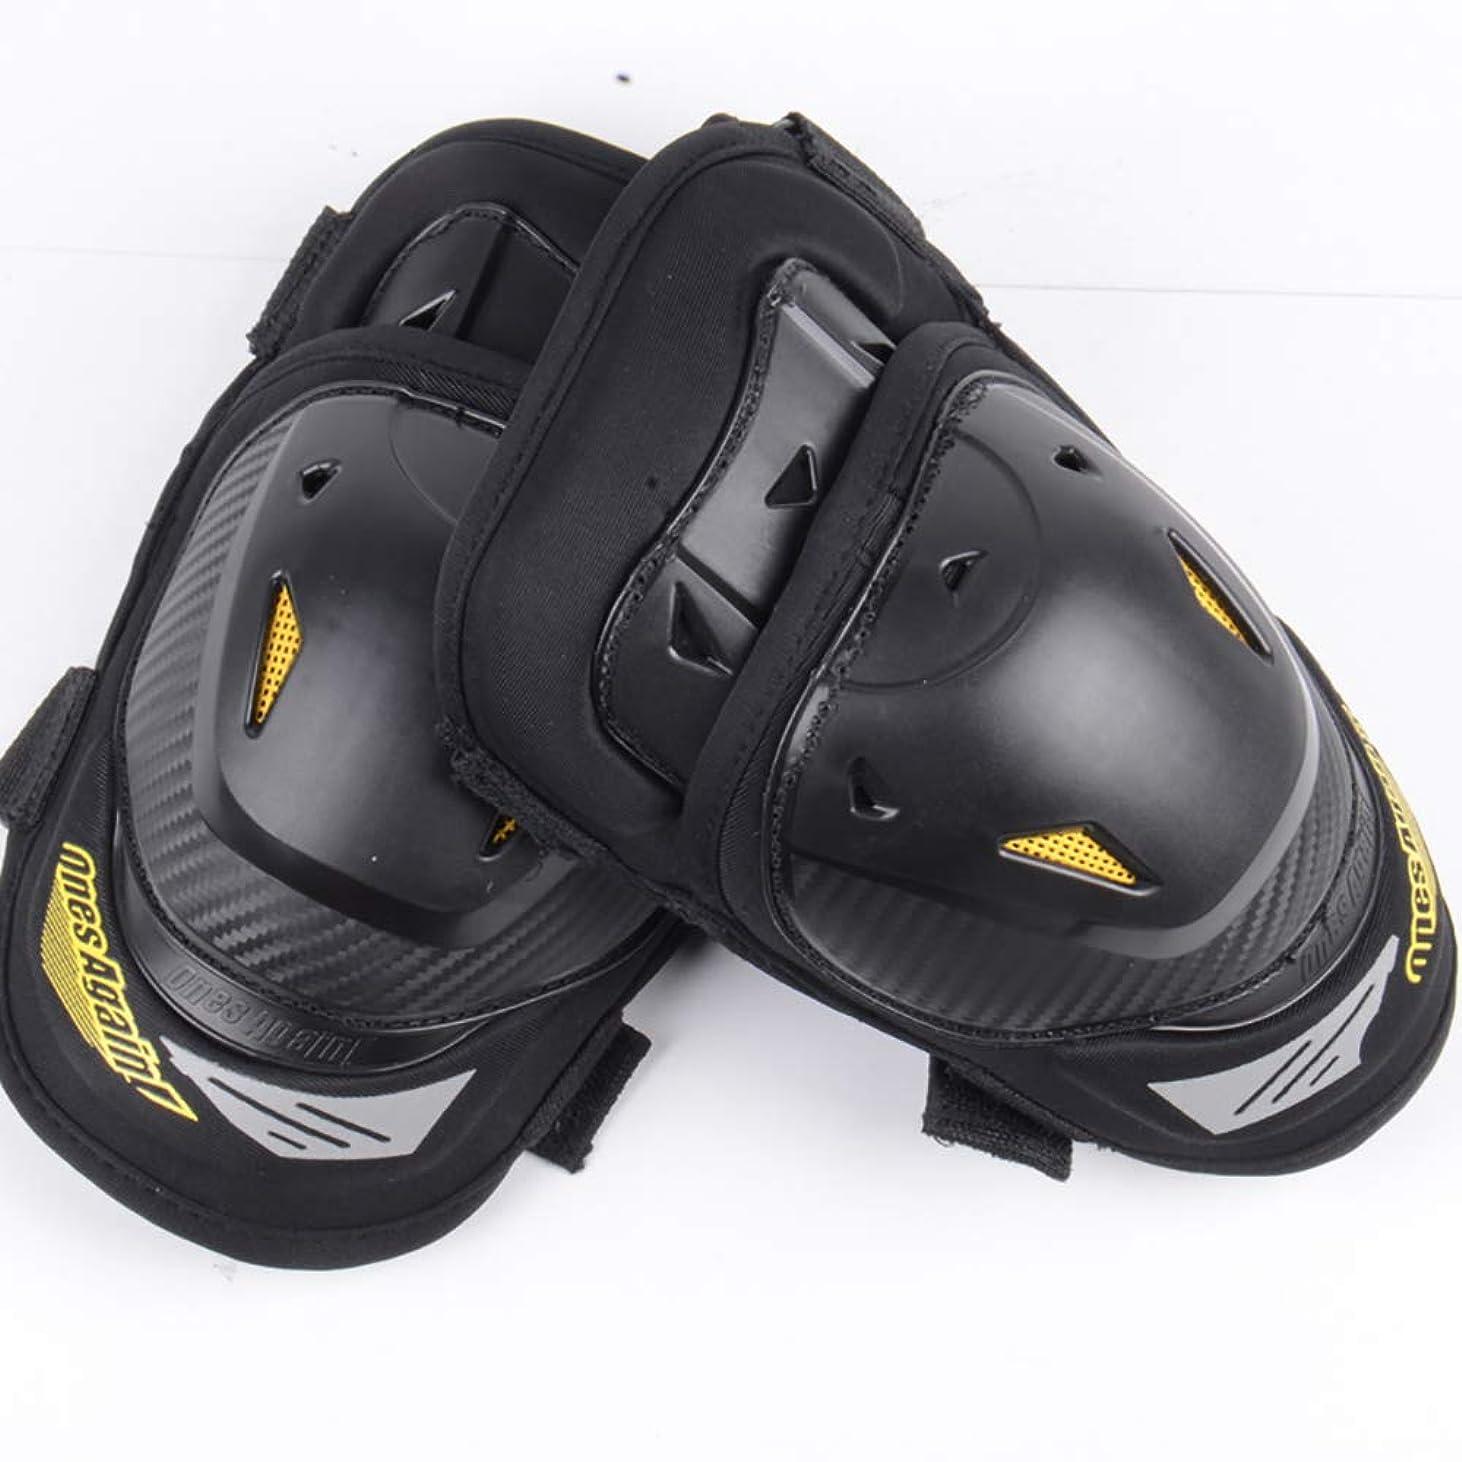 リー胸厚くするGXT KP02 ステンレス ひざすね プロテクター 肘ガード 膝スネガード 4点セット バイク オートバイ 用 エルボープロテクター ブラック (ショート膝スネガード)